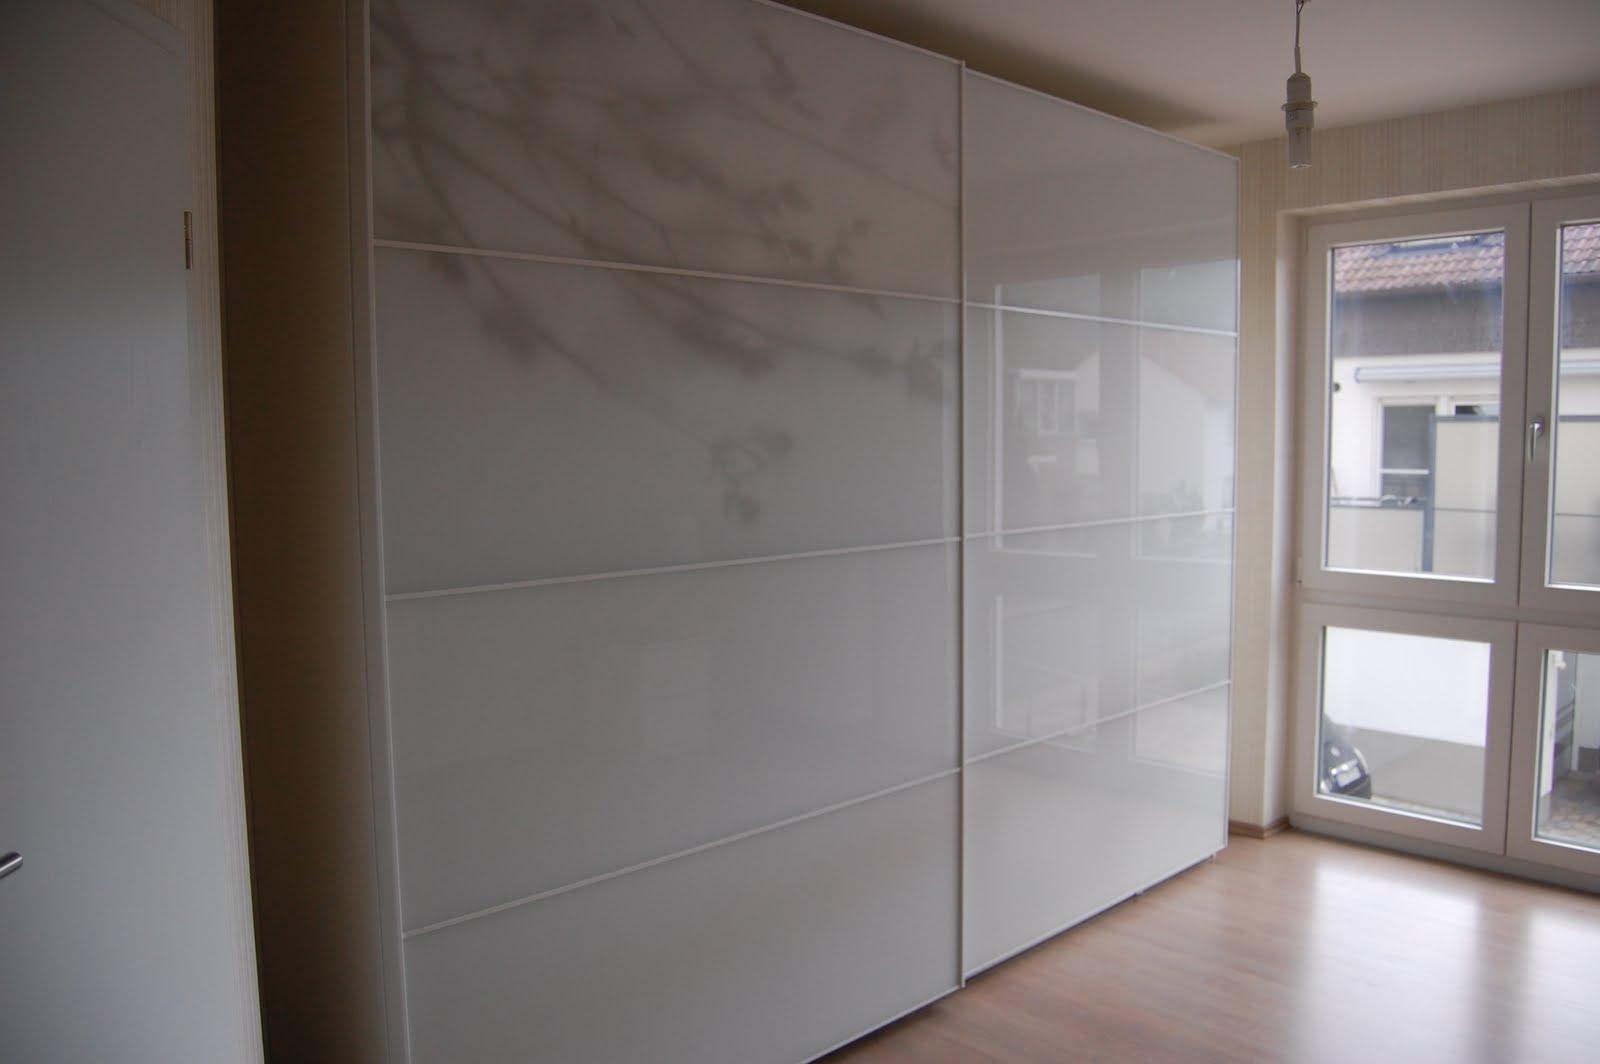 kleiderschrank ikea willhaben. Black Bedroom Furniture Sets. Home Design Ideas